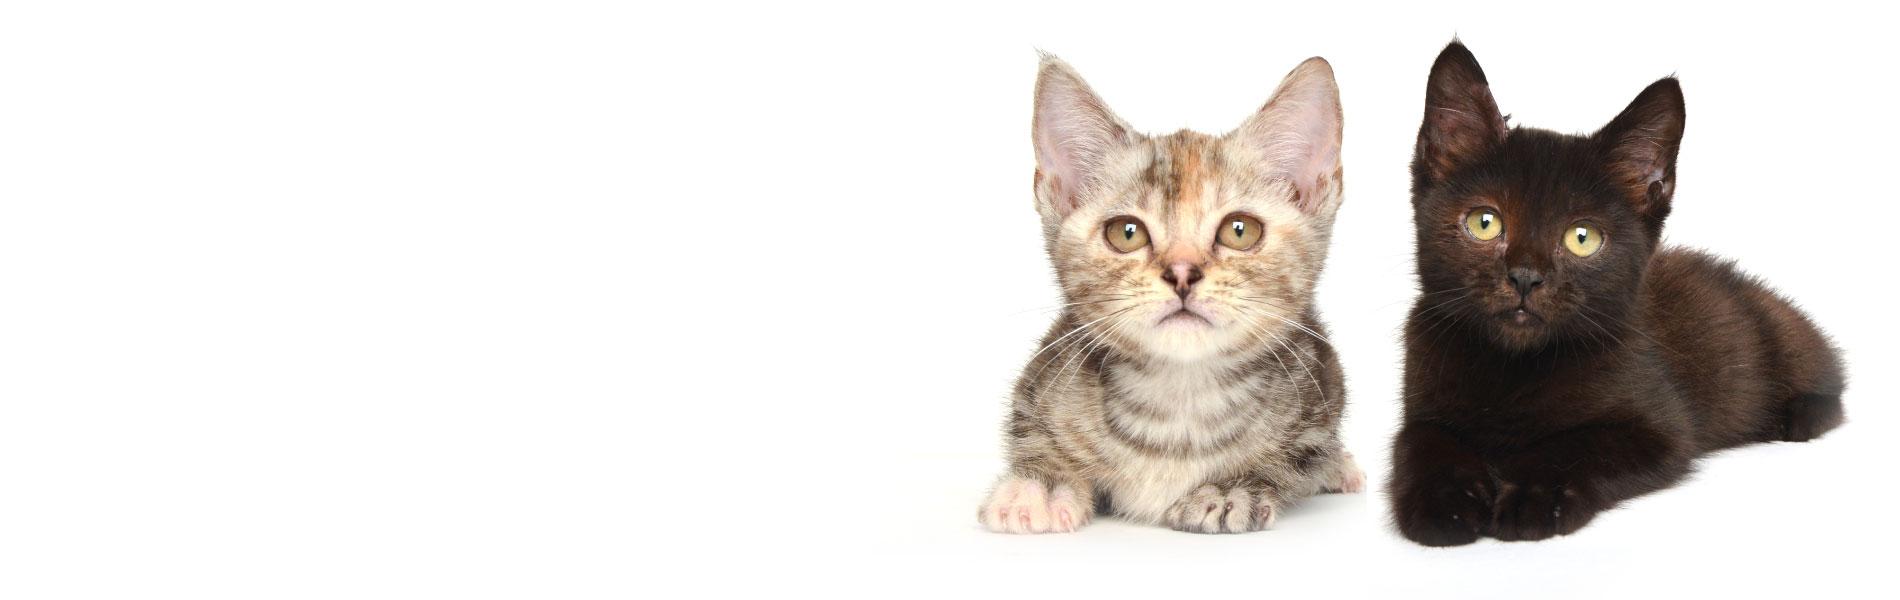 かわいい子猫のペットショップ